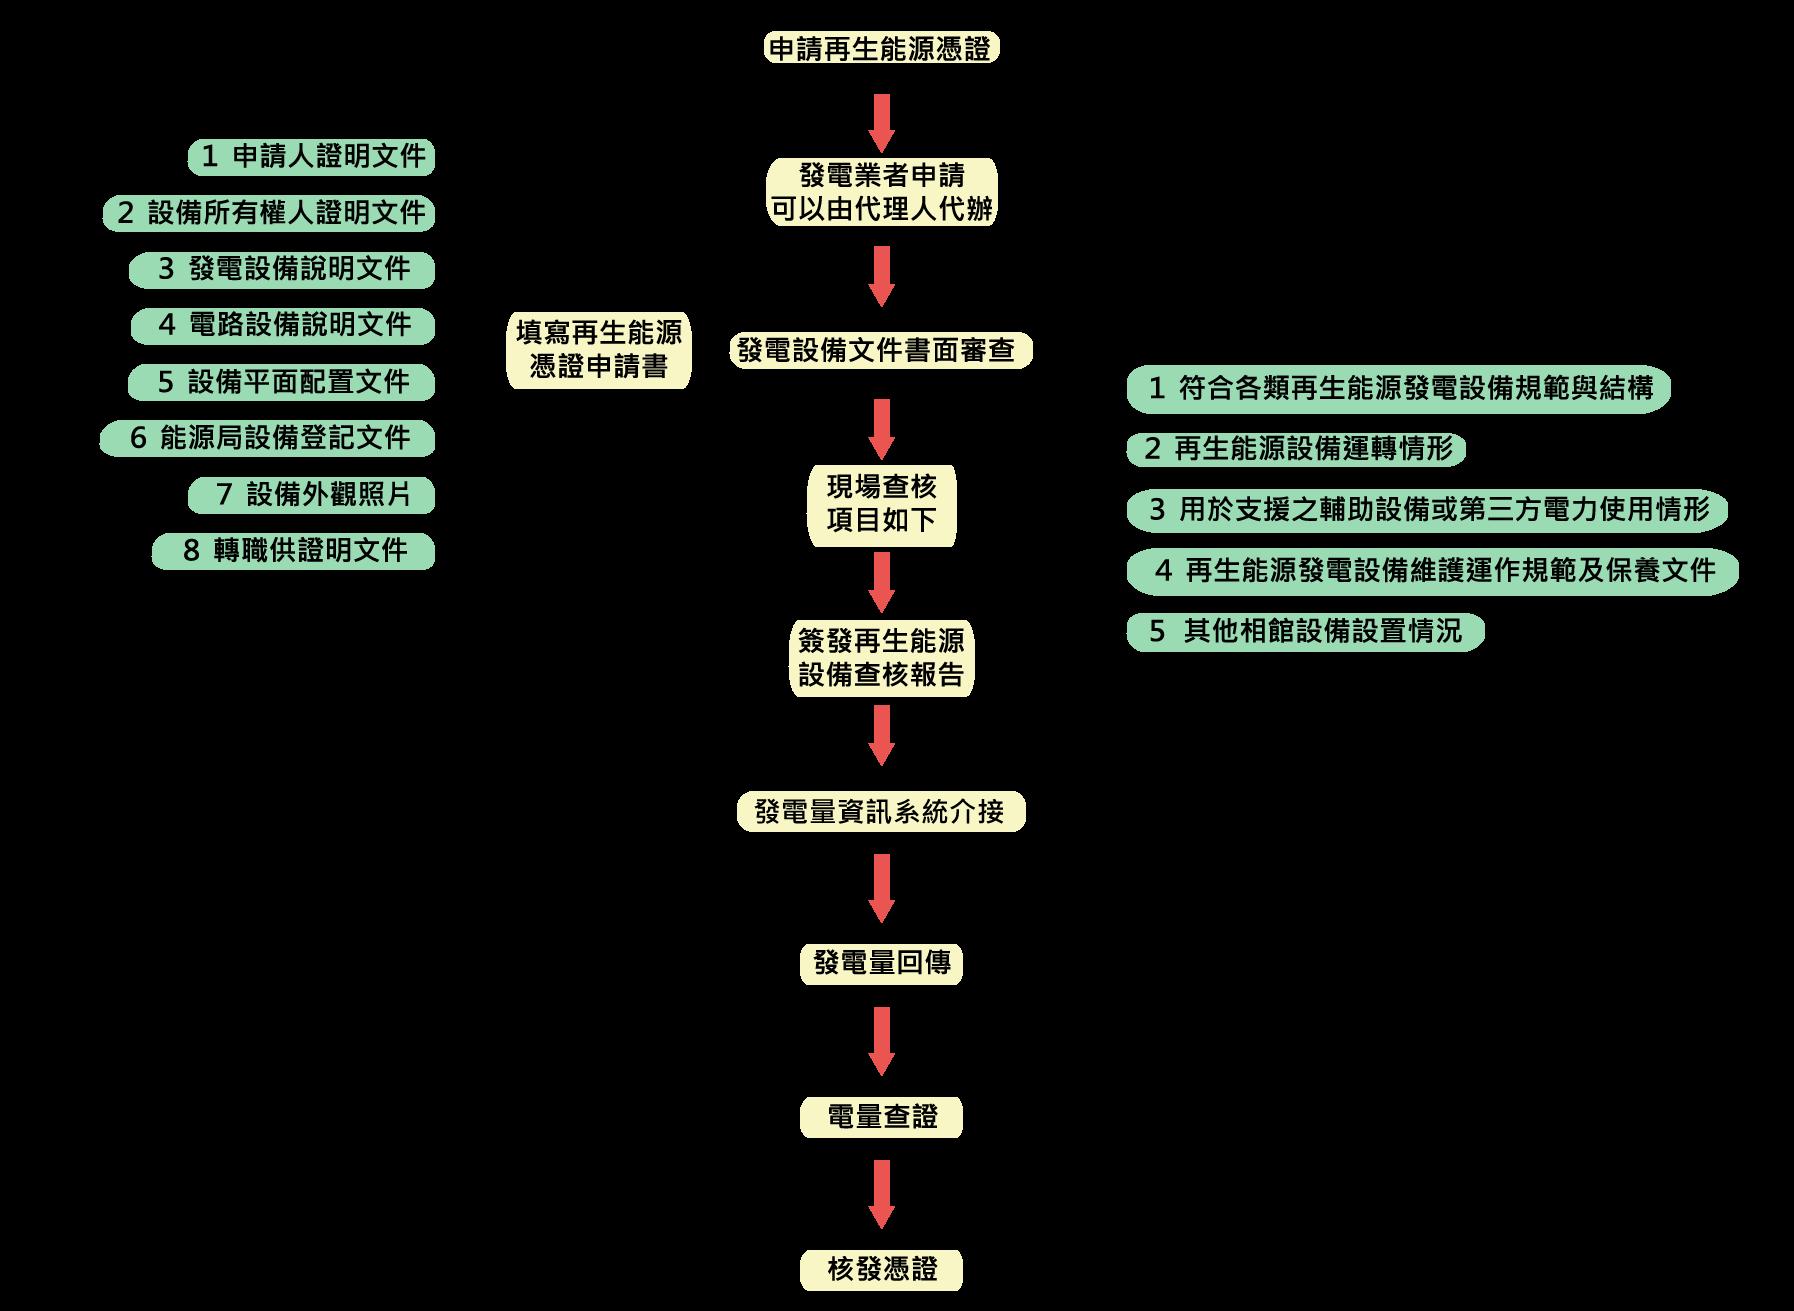 南方電力網頁表格-02